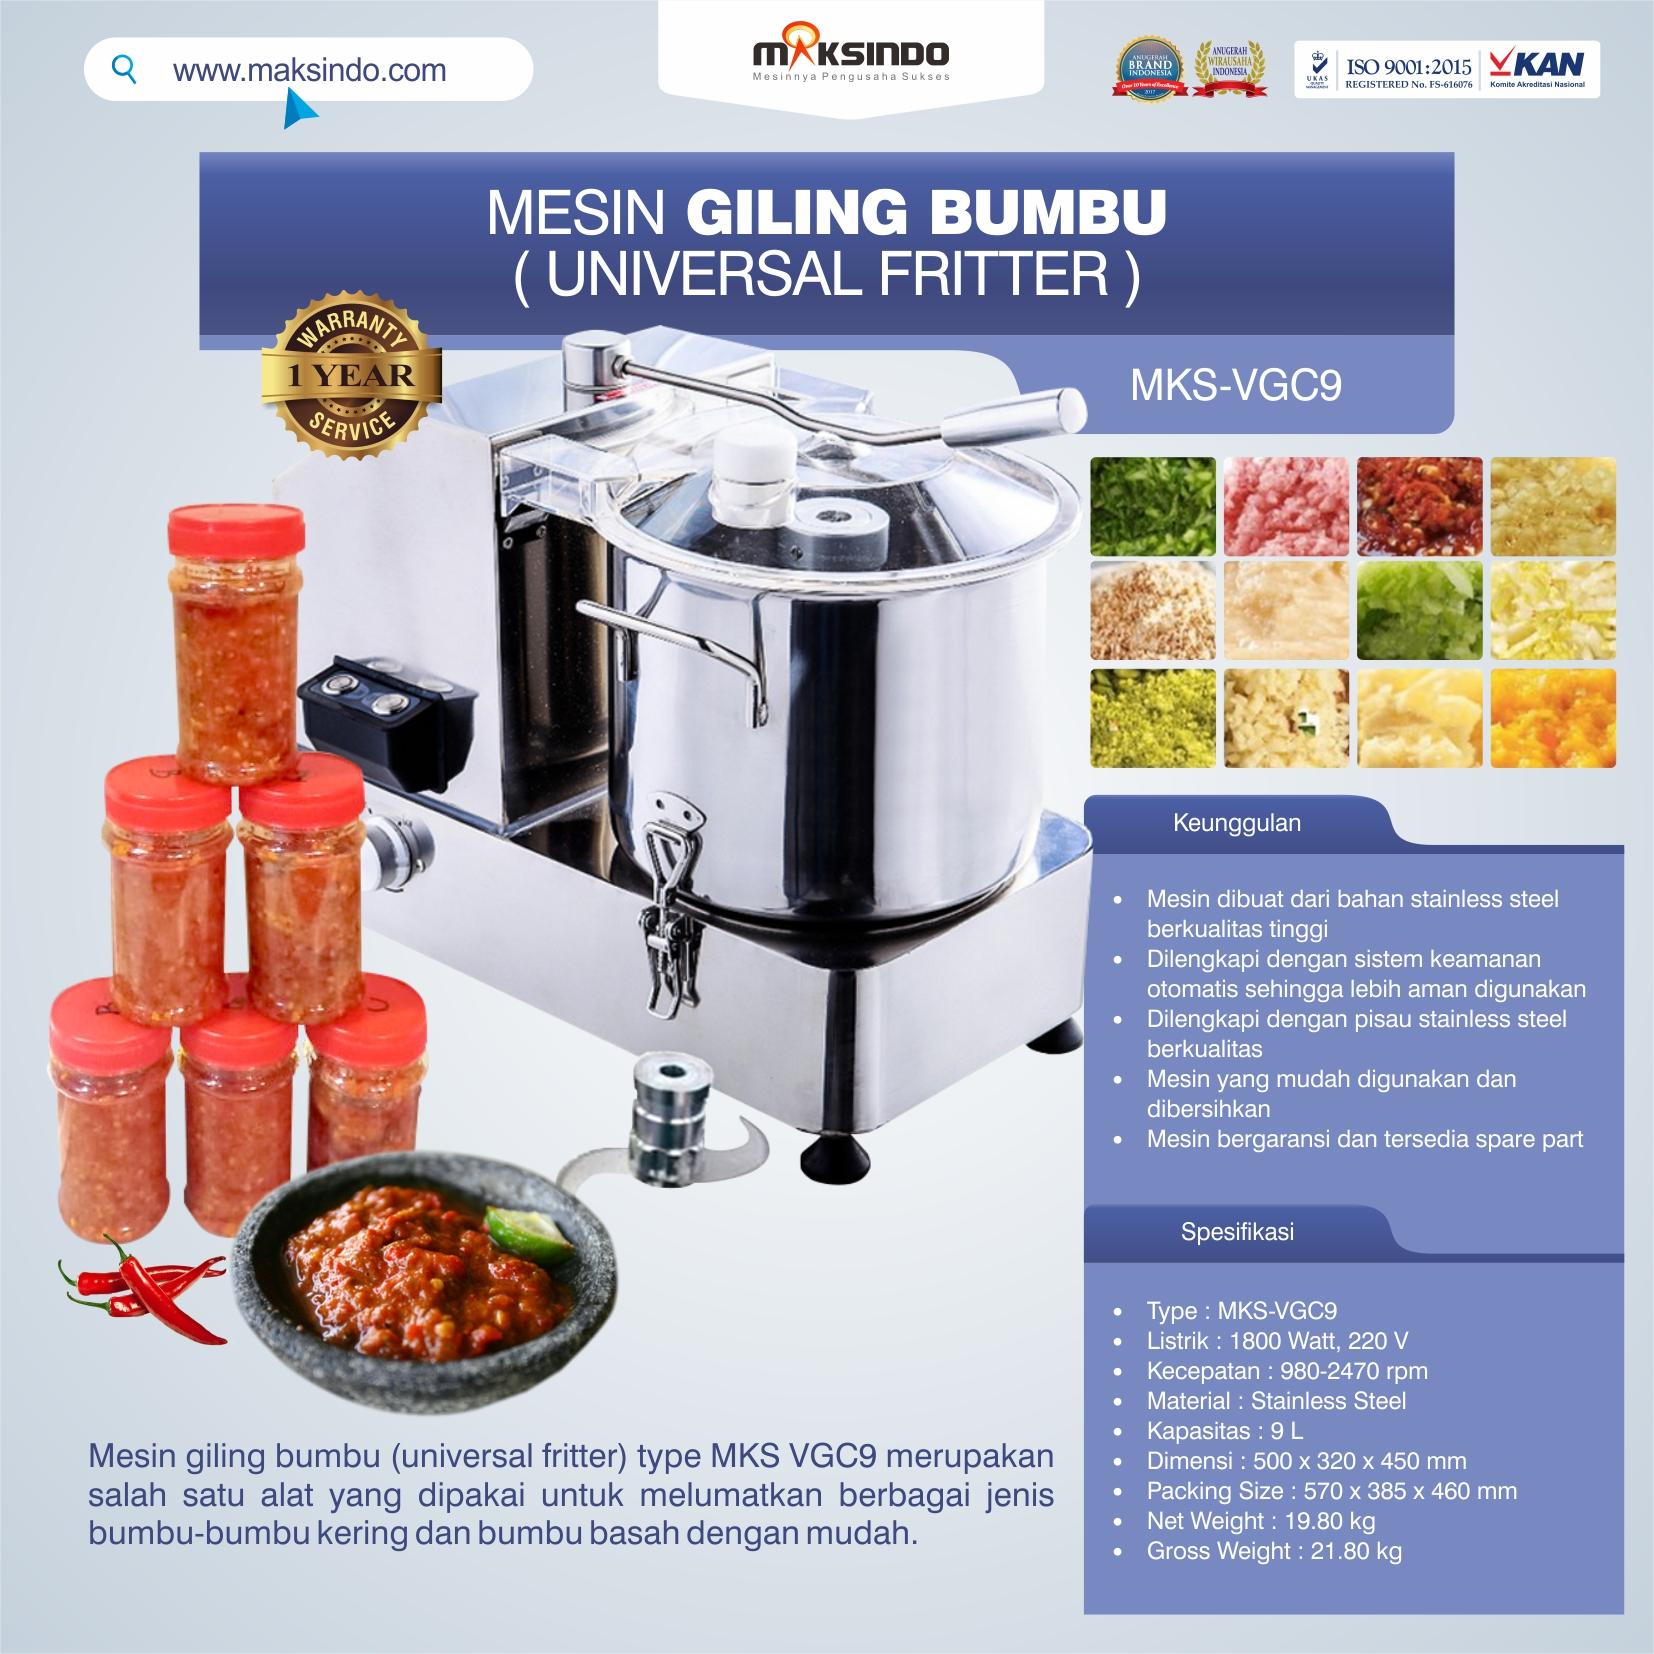 Jual Mesin Giling Bumbu (Universal Fritter) MKS VGC9 di Pekanbaru